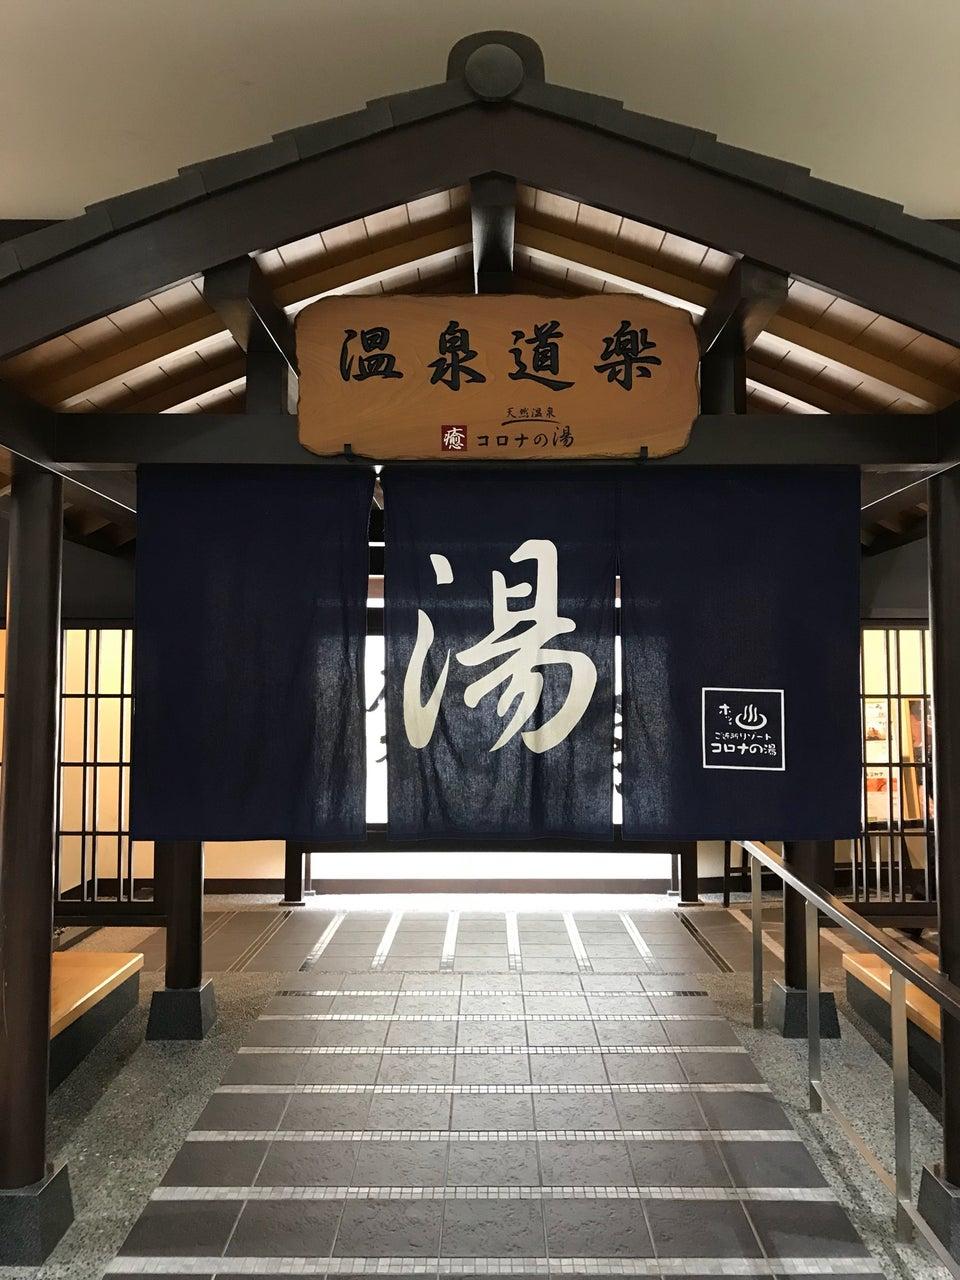 天然溫泉KORONA之湯 中川店